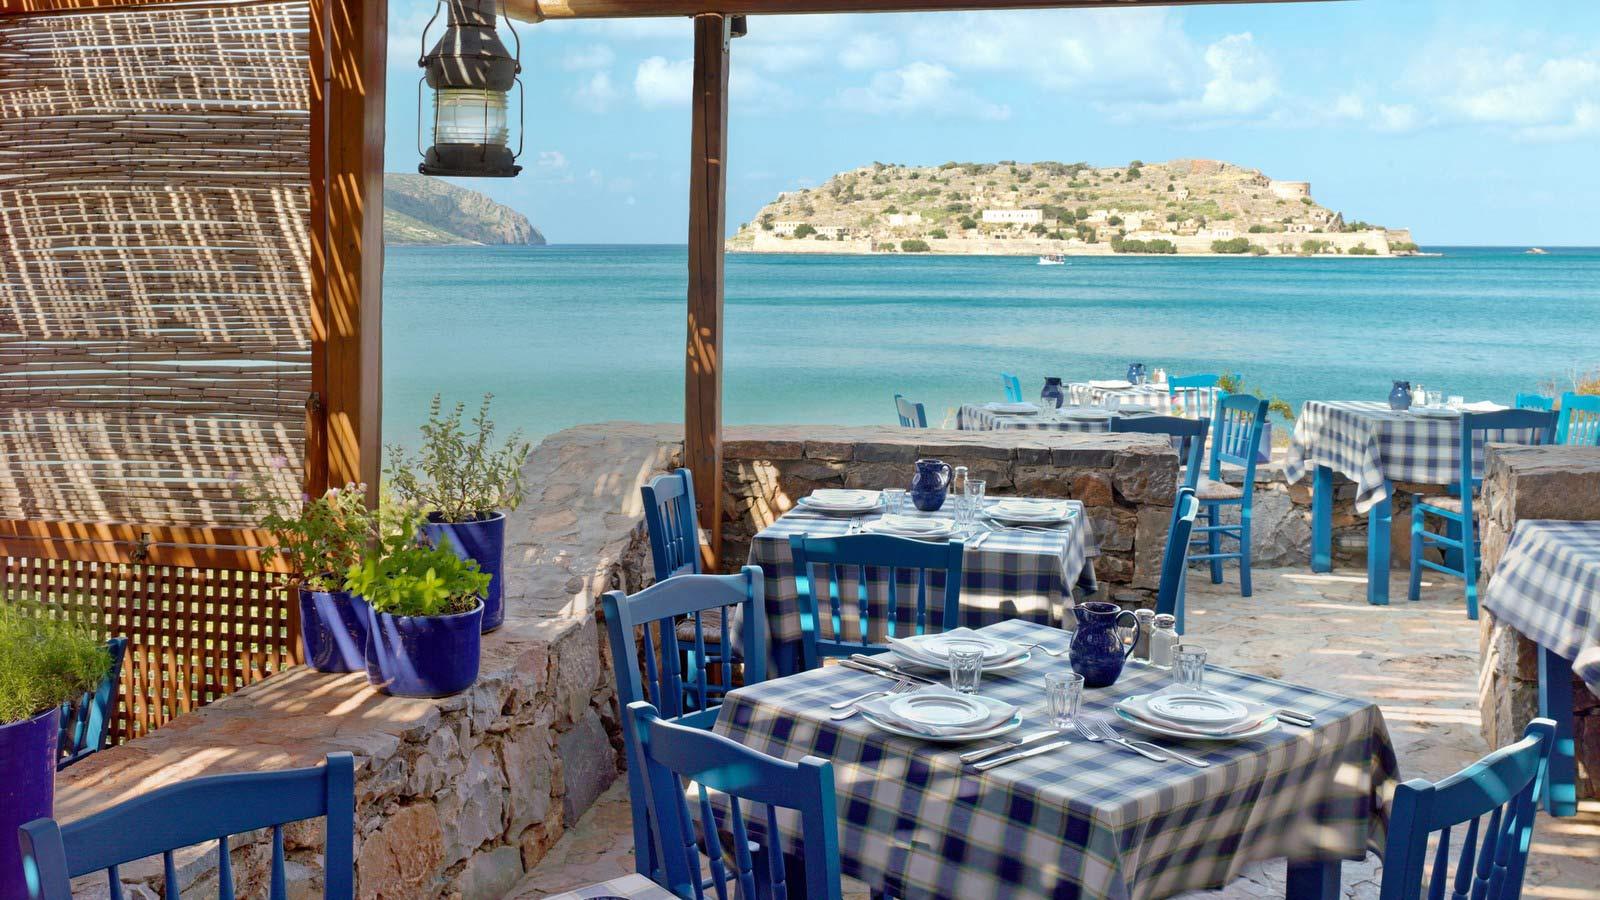 crete-which-surprises